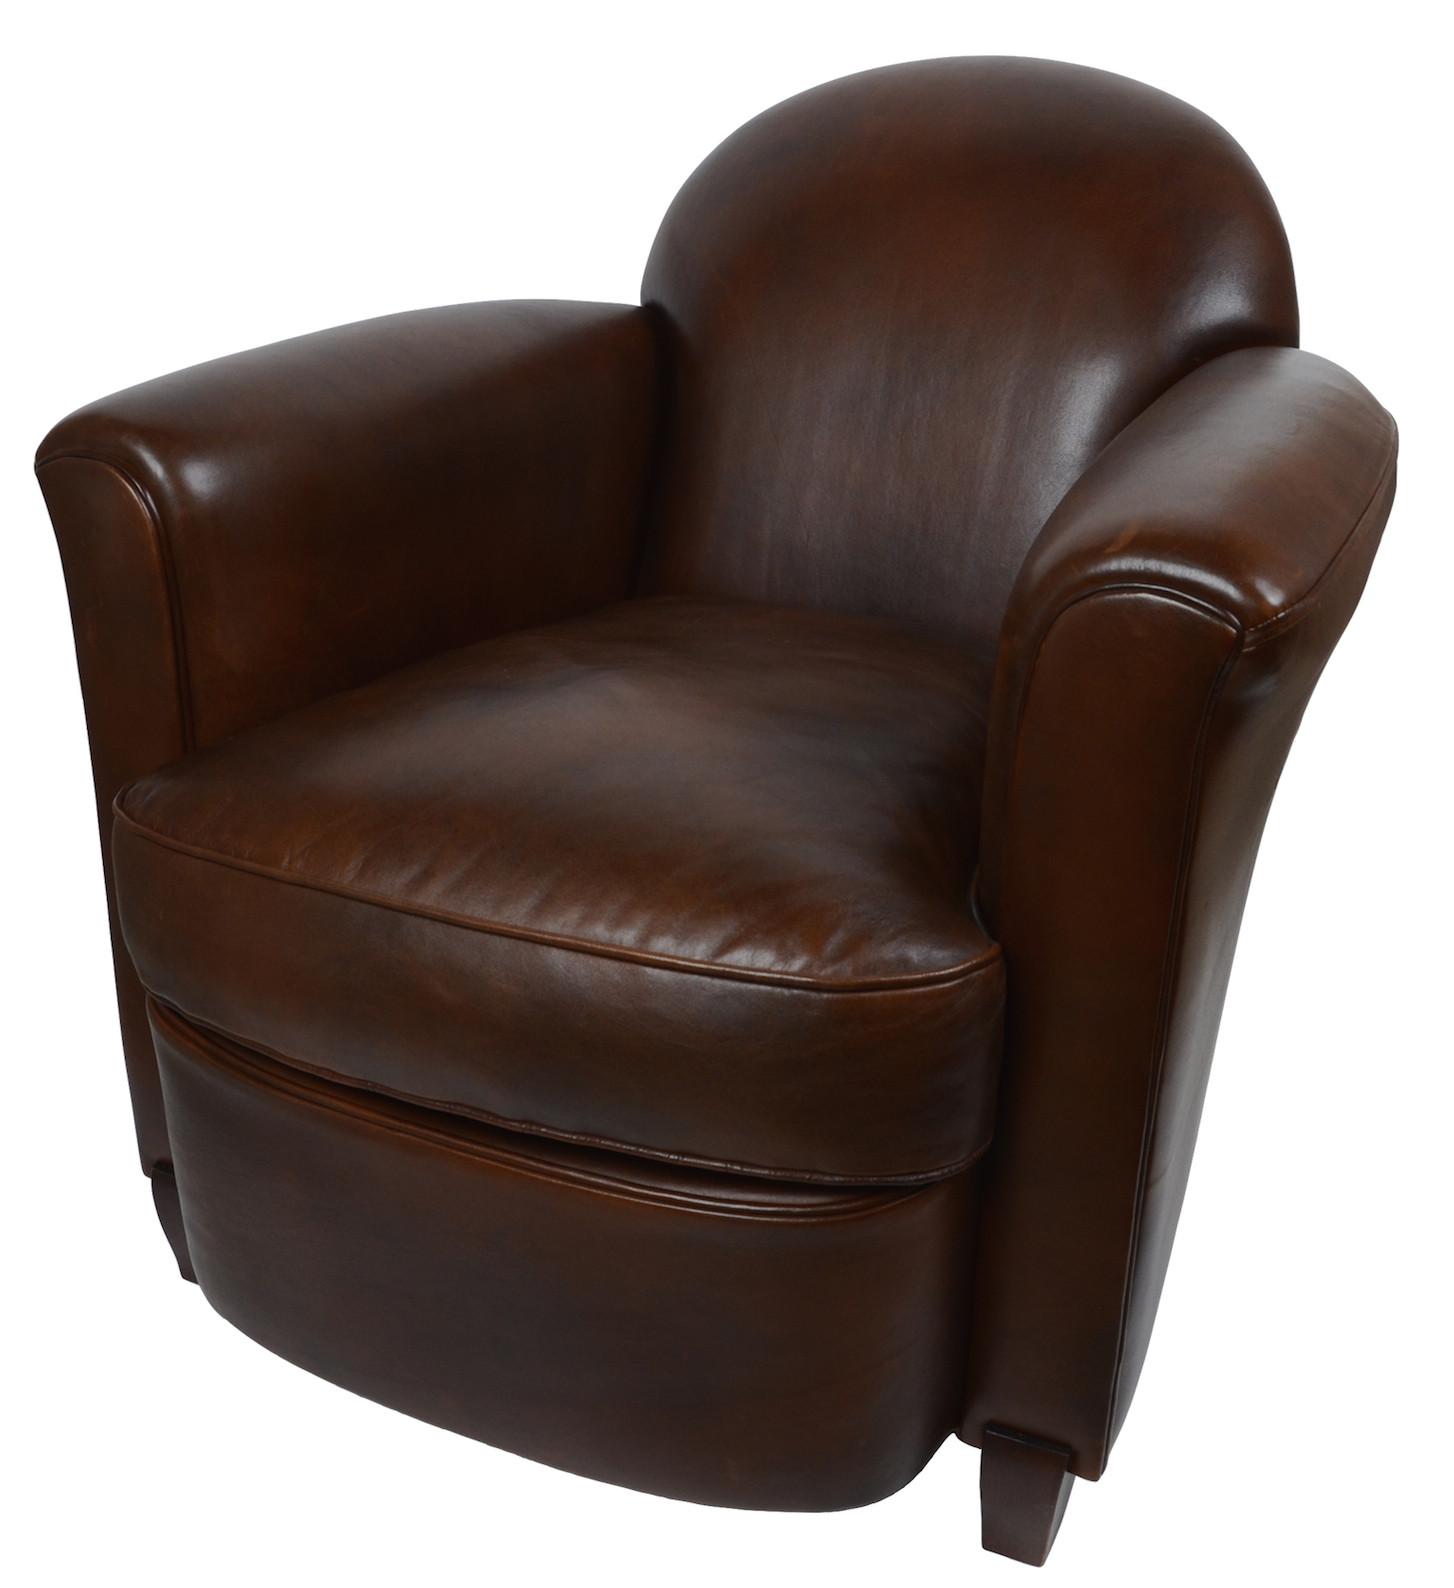 fauteuil club santiago meubles sport vintage meubles et objets sport vintage nos. Black Bedroom Furniture Sets. Home Design Ideas